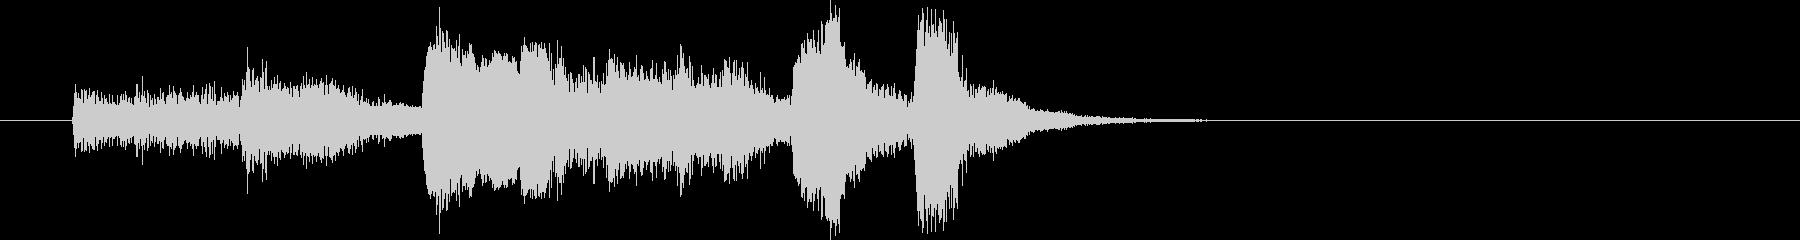 生演奏リコーダーの渋いジャズ風ジングルの未再生の波形